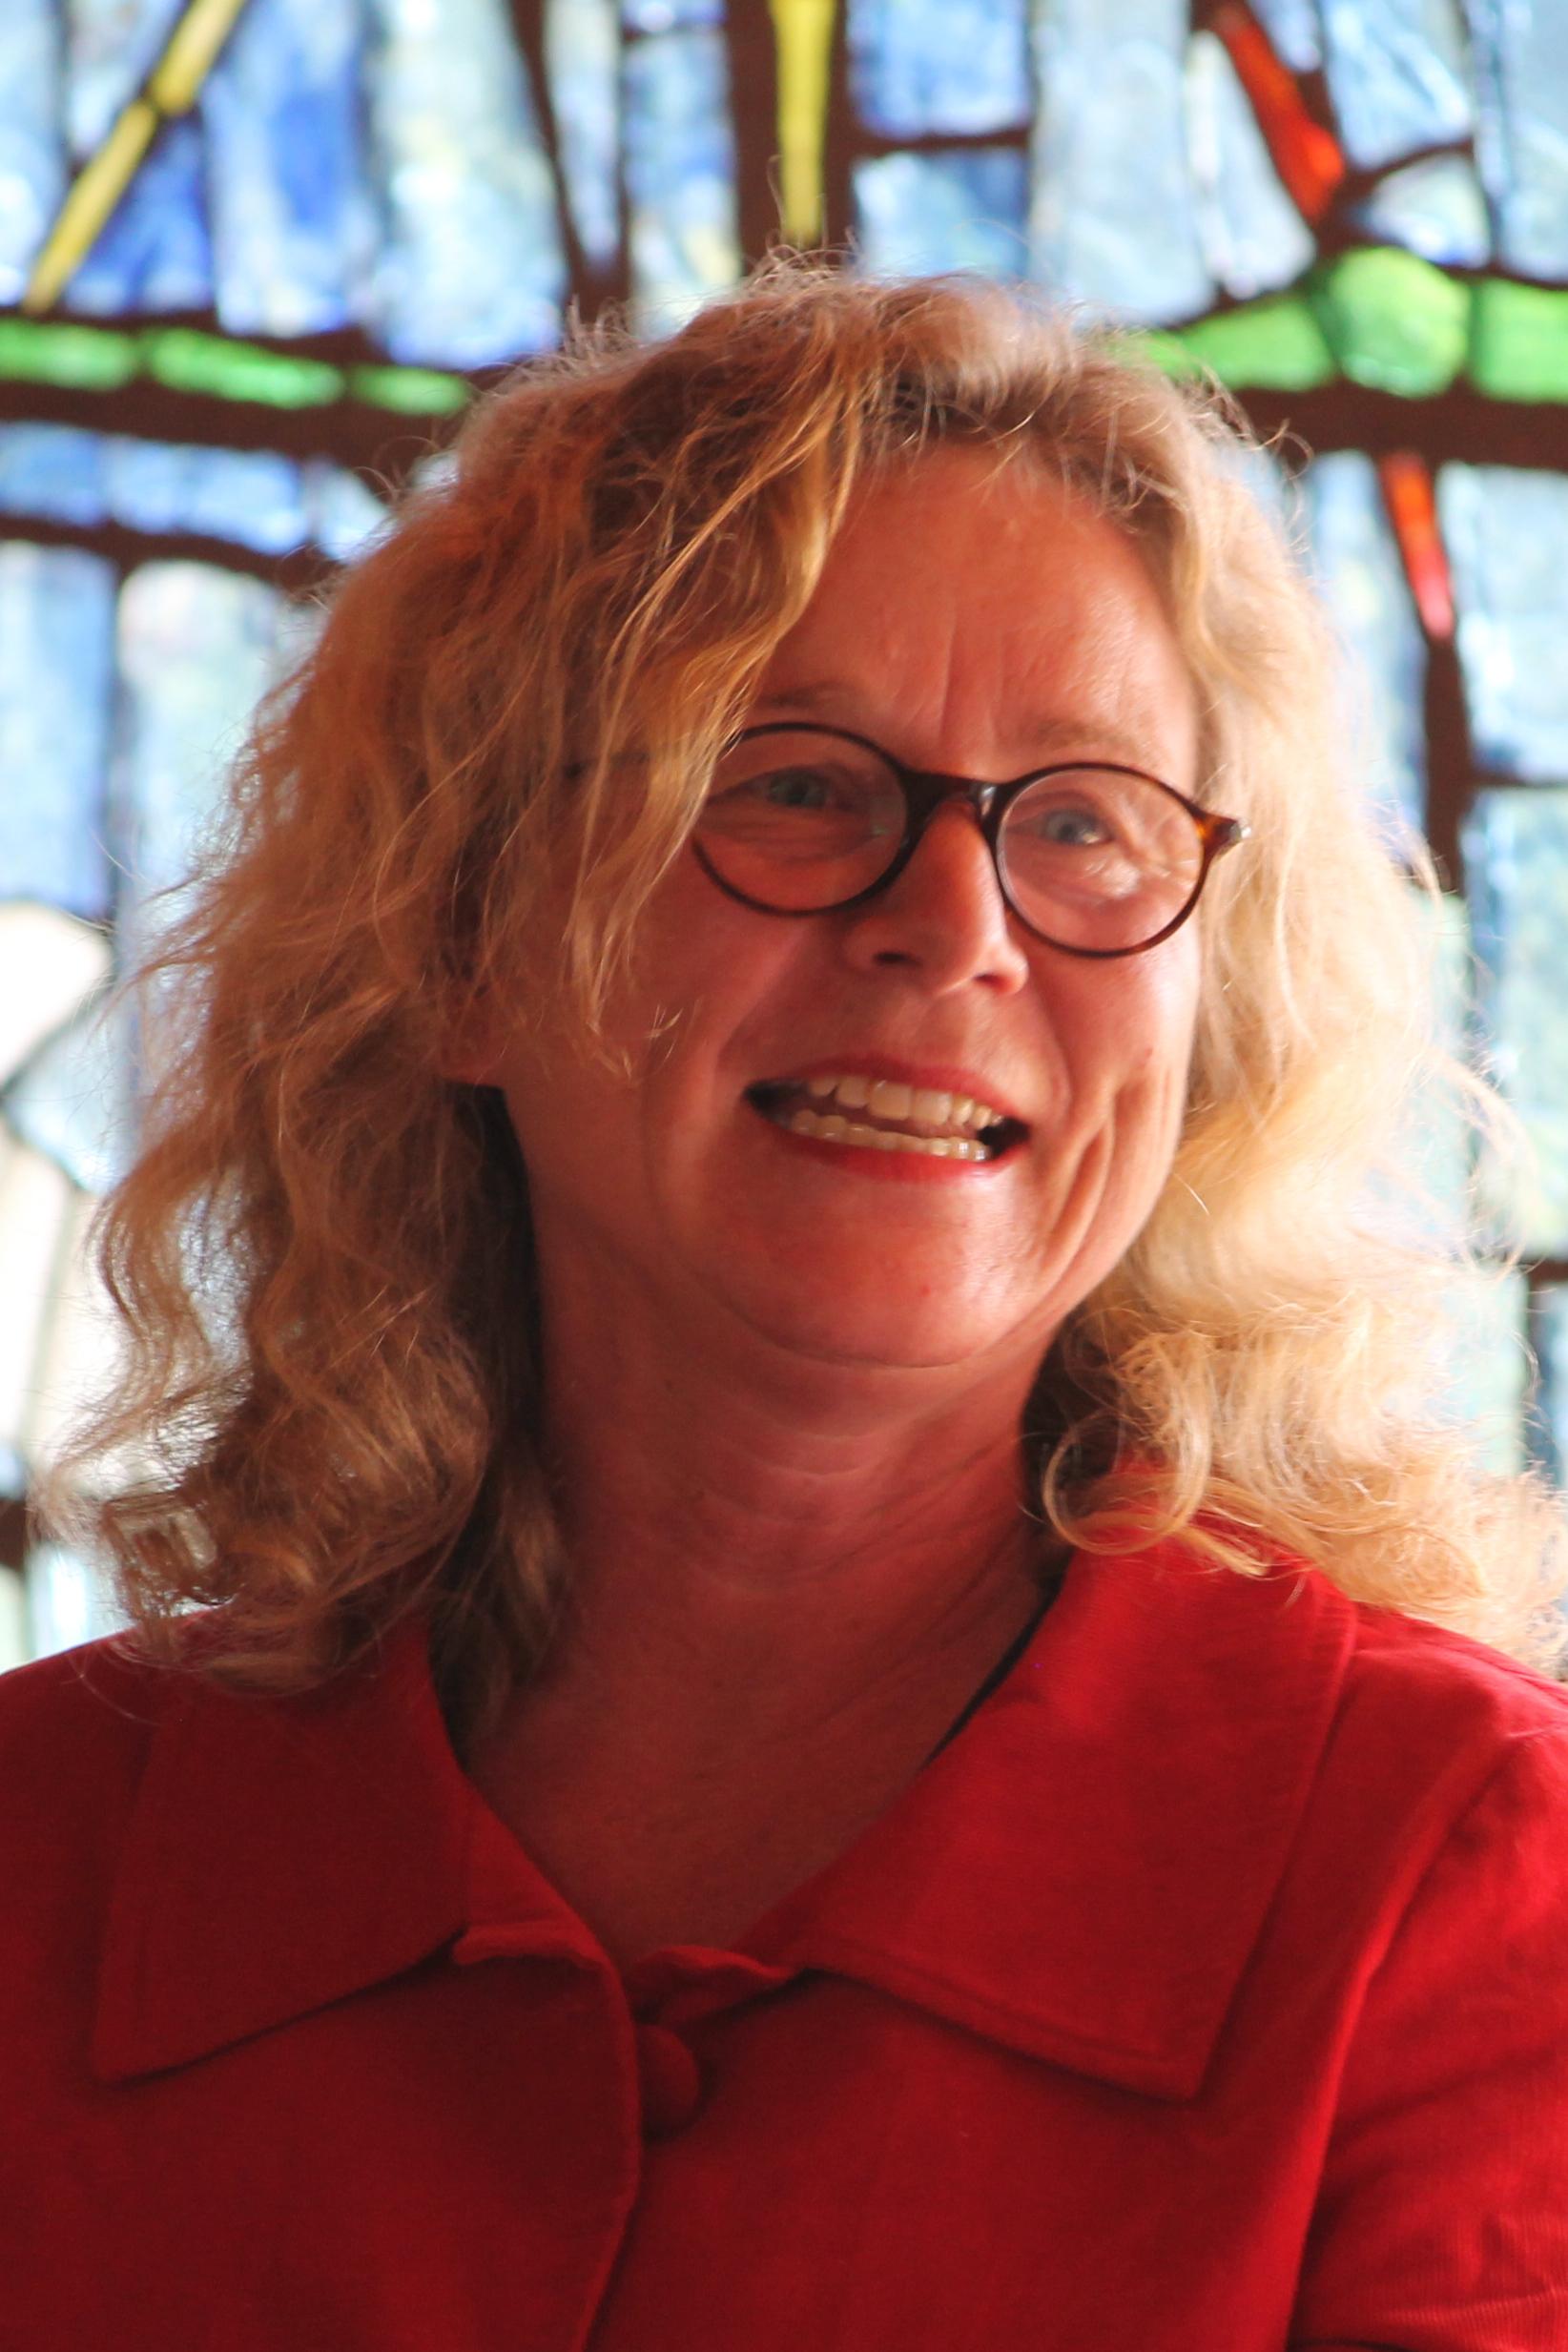 Grußwort von Frau Sibylle Seite, Schulleiterin der Deutschen Schule Nairobi